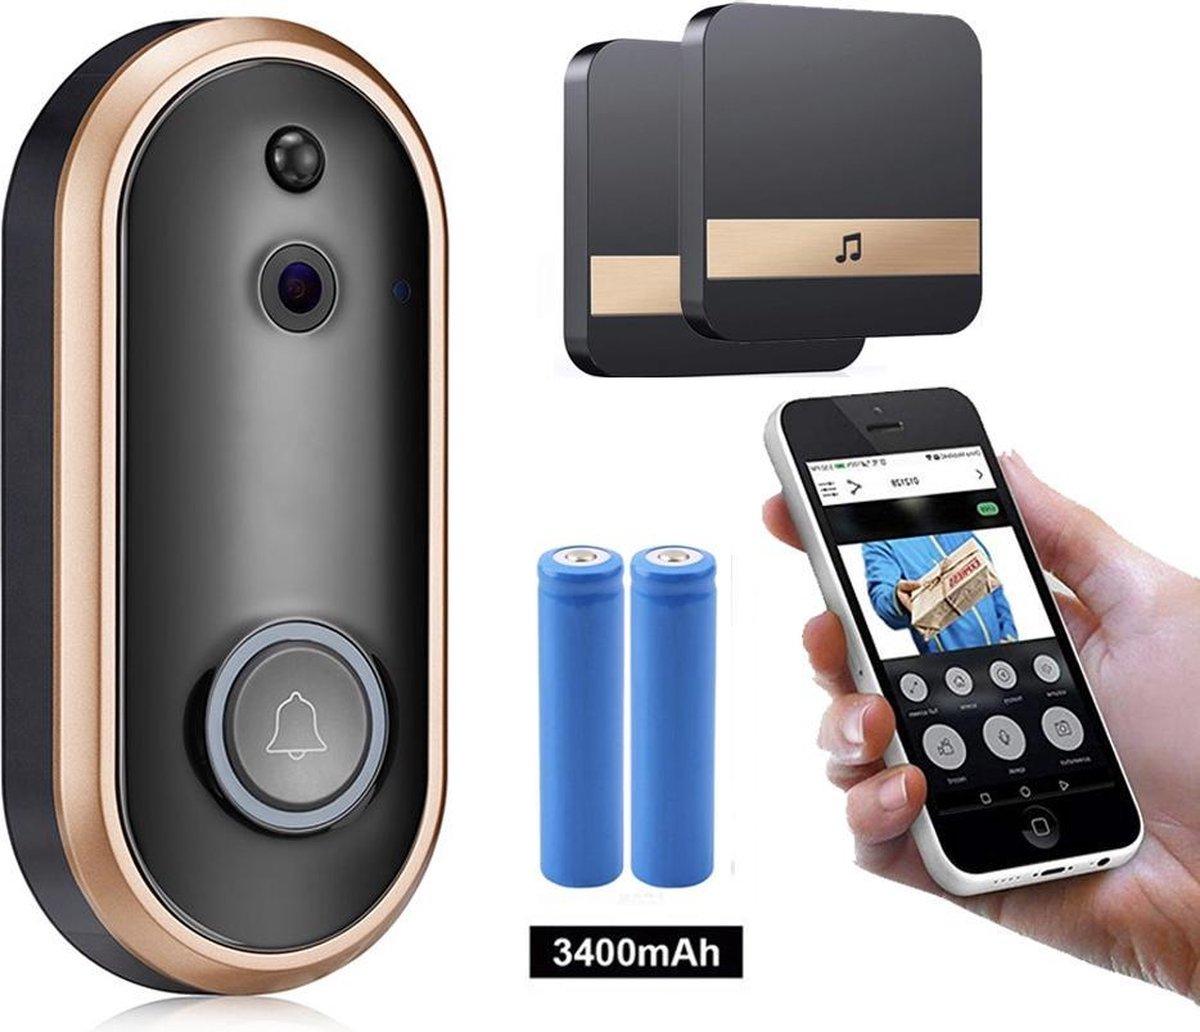 BELIFE® Smart Home Videodeurbel- Draadloze video deurbel - Full HD WiFi deurbel - Slimme Deurbel